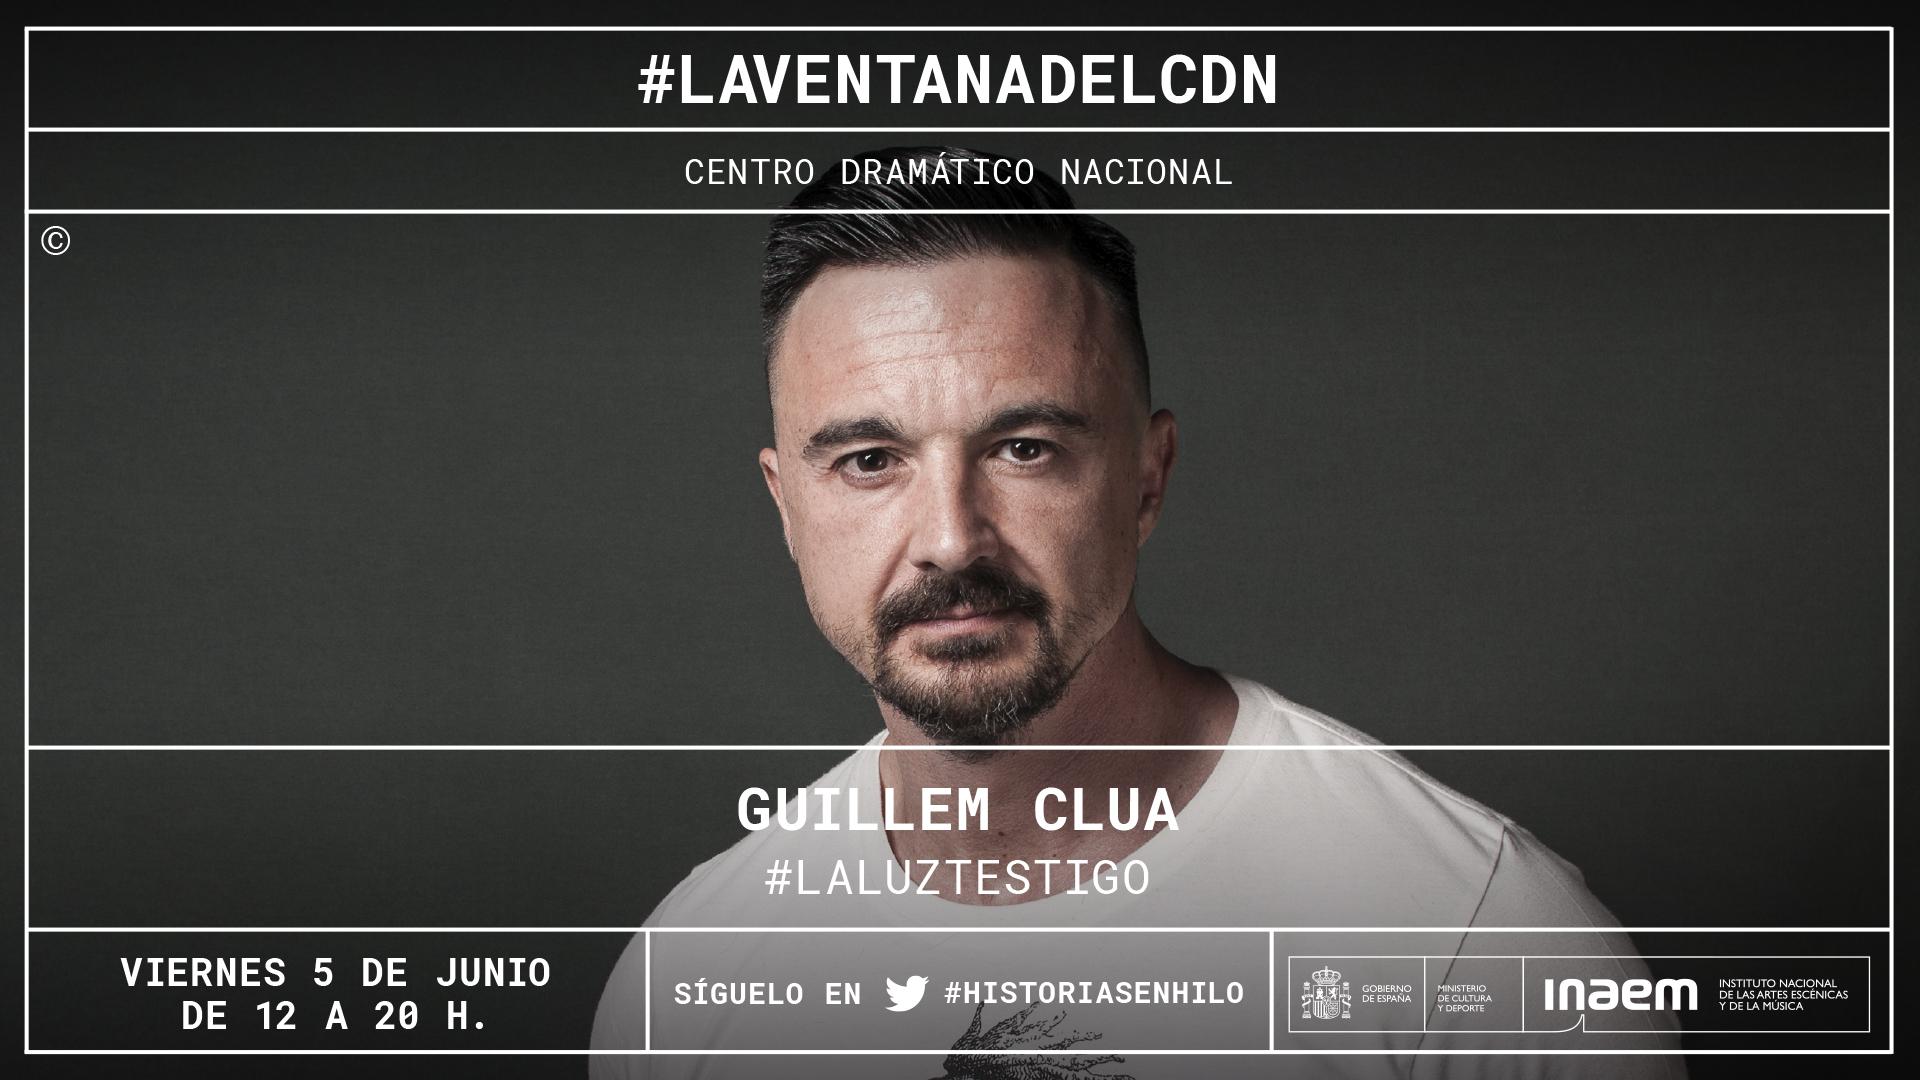 Guillem Clua participó en nuestro Twitter con el hilo narrativo «La luz testigo»